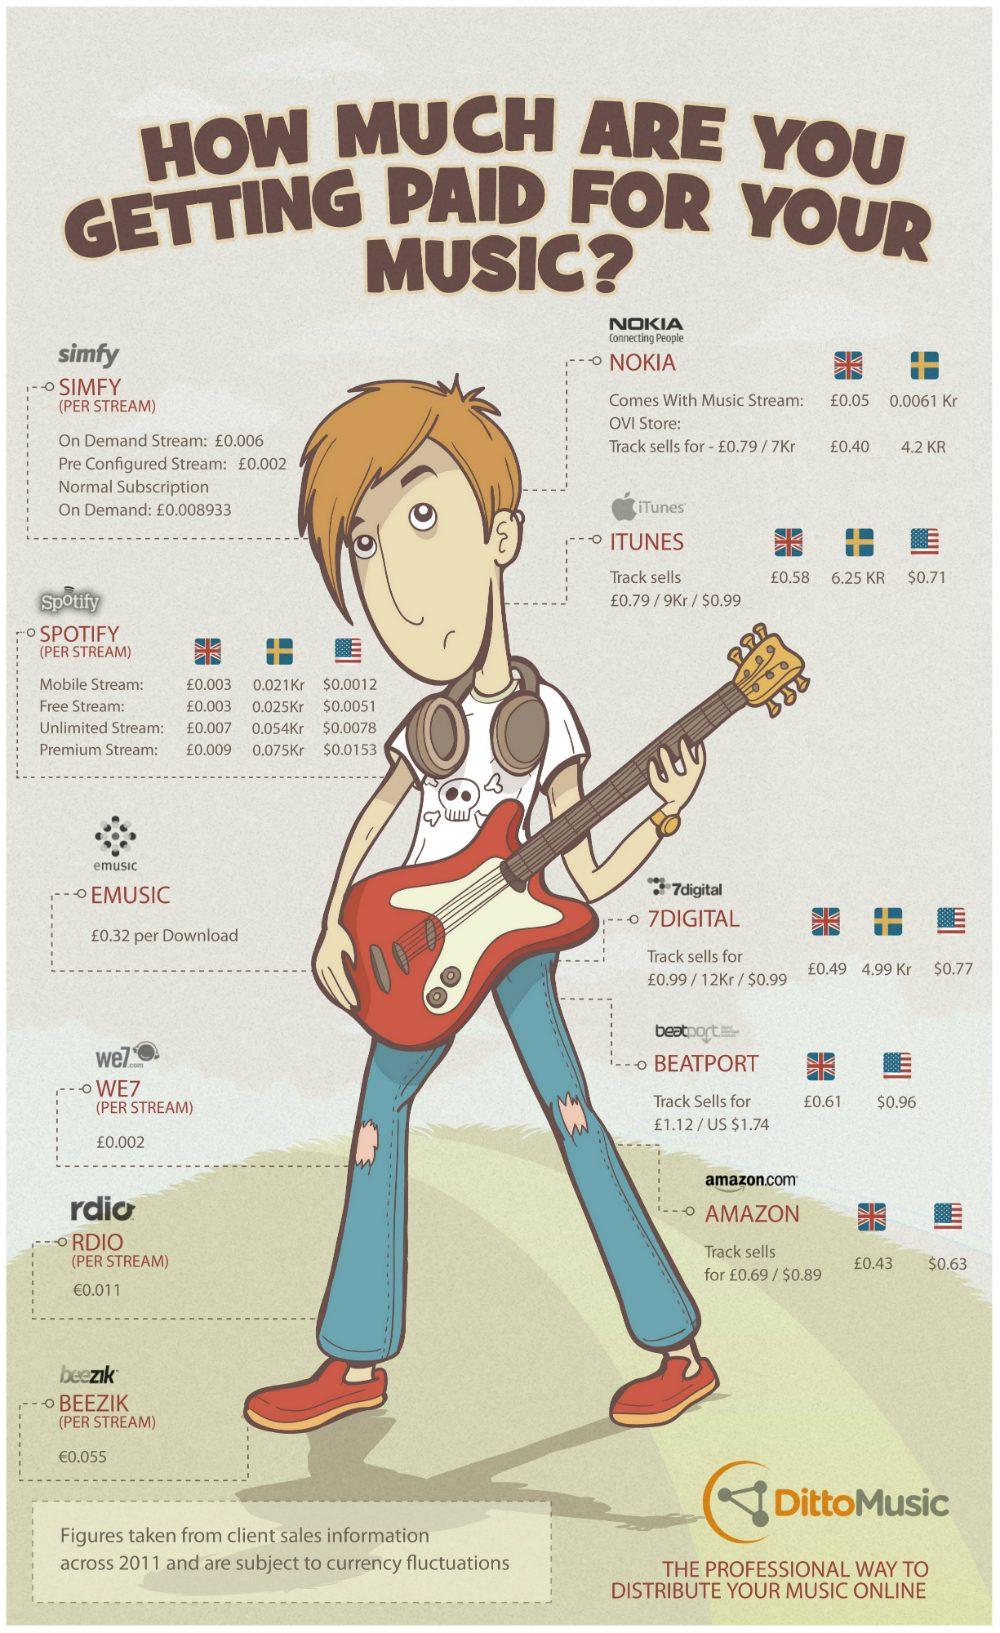 hur mycket tjänar artister på spotify